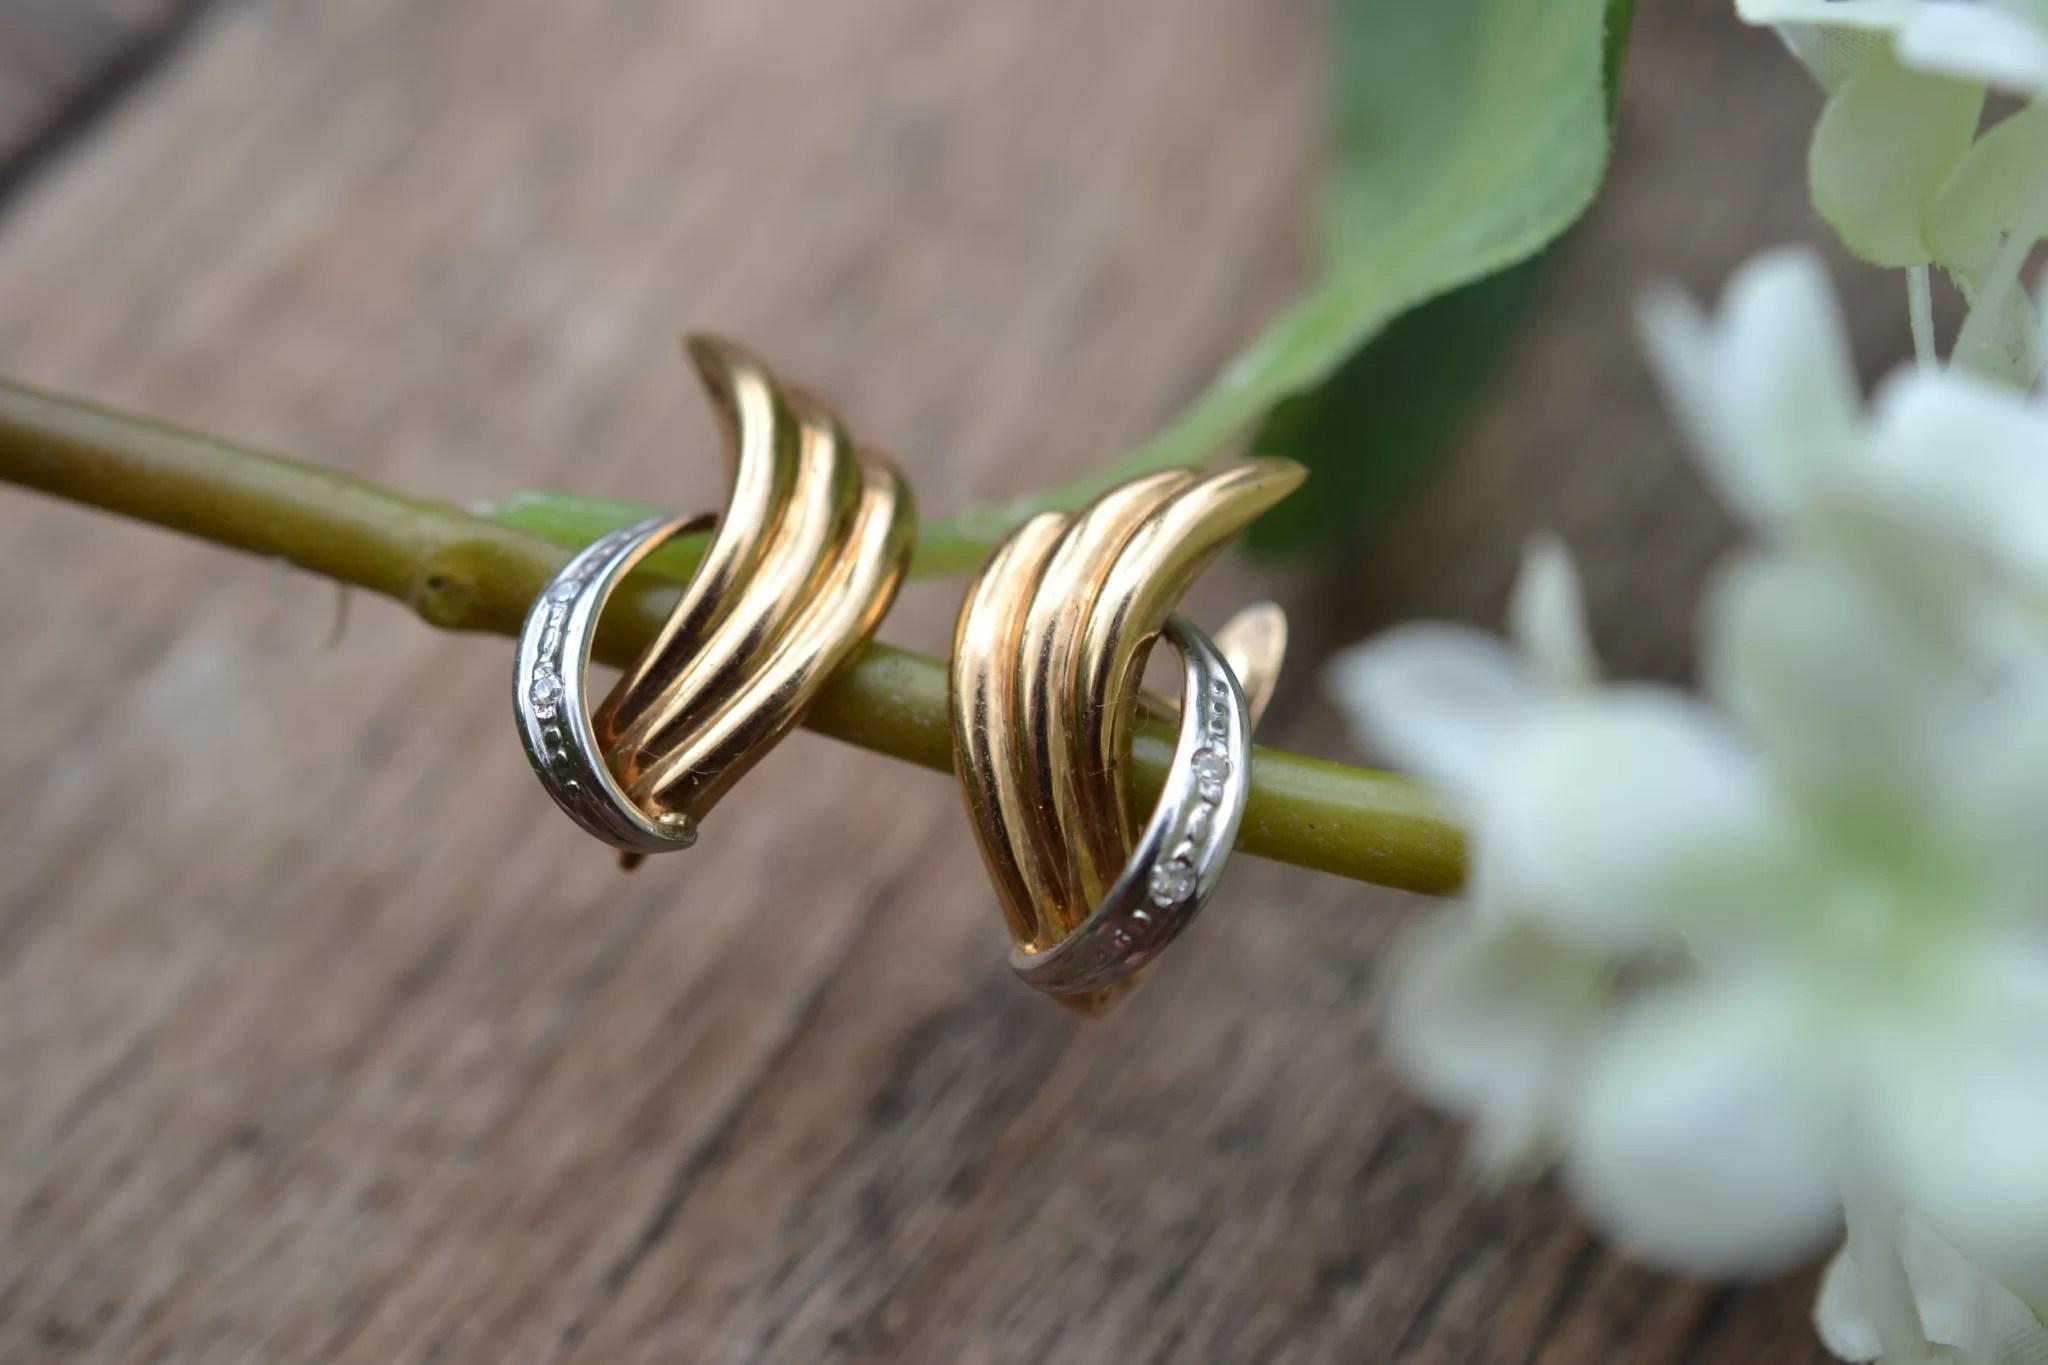 boucles d'oreilles anciennes en Or jaune et or blanc 18 carats - boucles d'oreilles pour mariage ethique